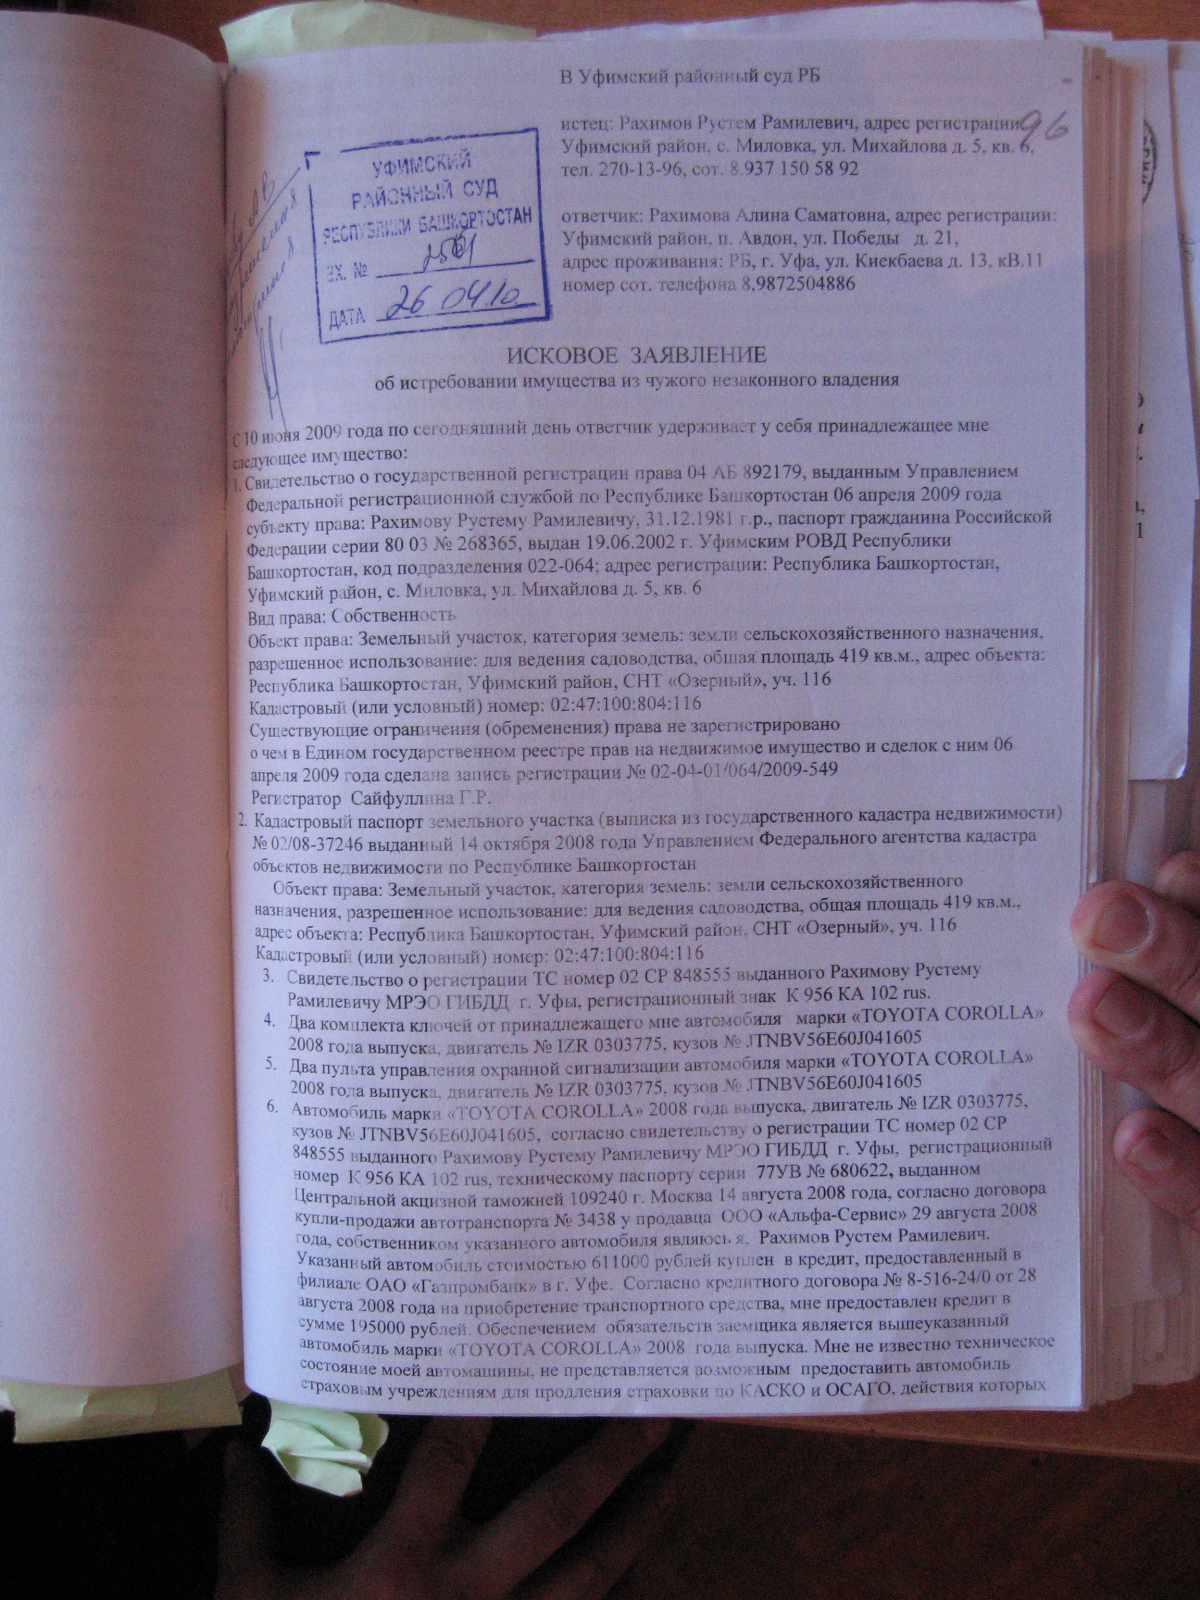 ходатайство об истребовании бухгалтерских документов образец